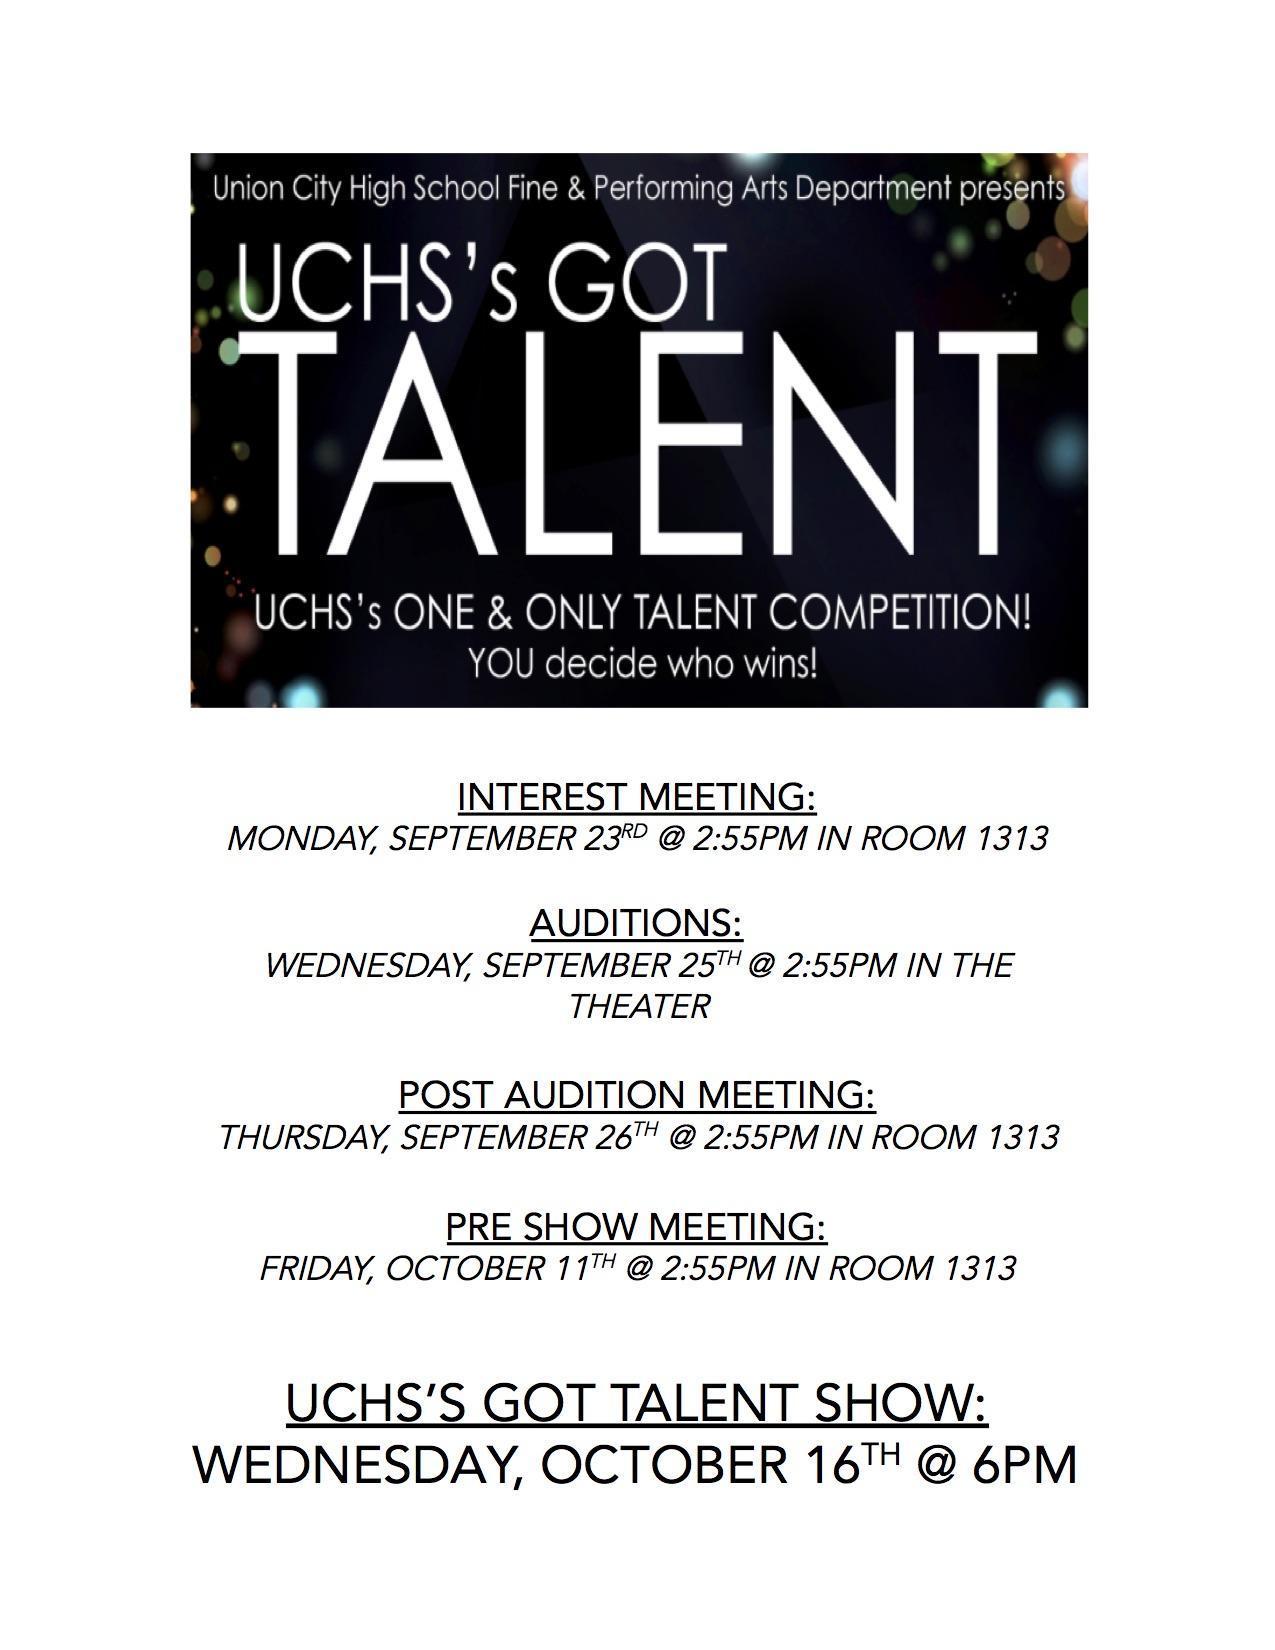 UCHS Got Talent Flyer